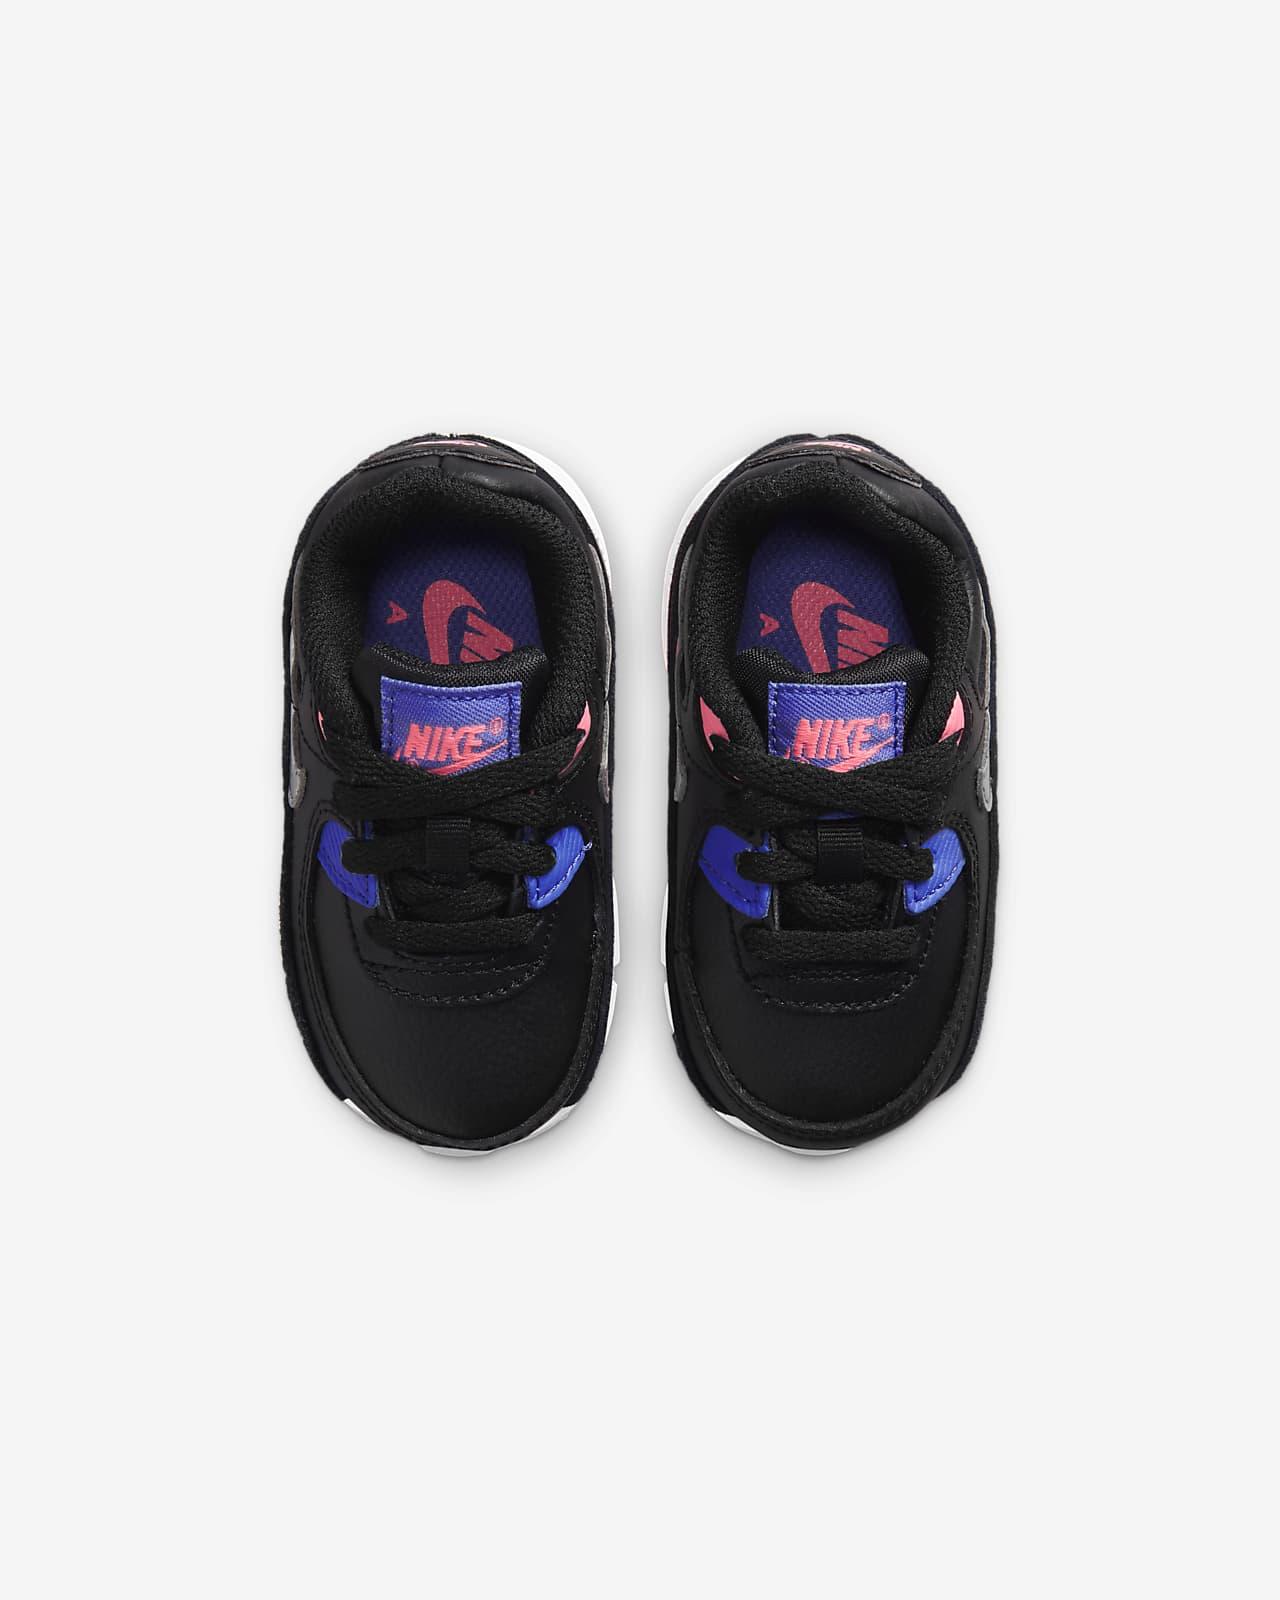 Nike Air Max 90 Baby & Toddler Shoes. Nike LU